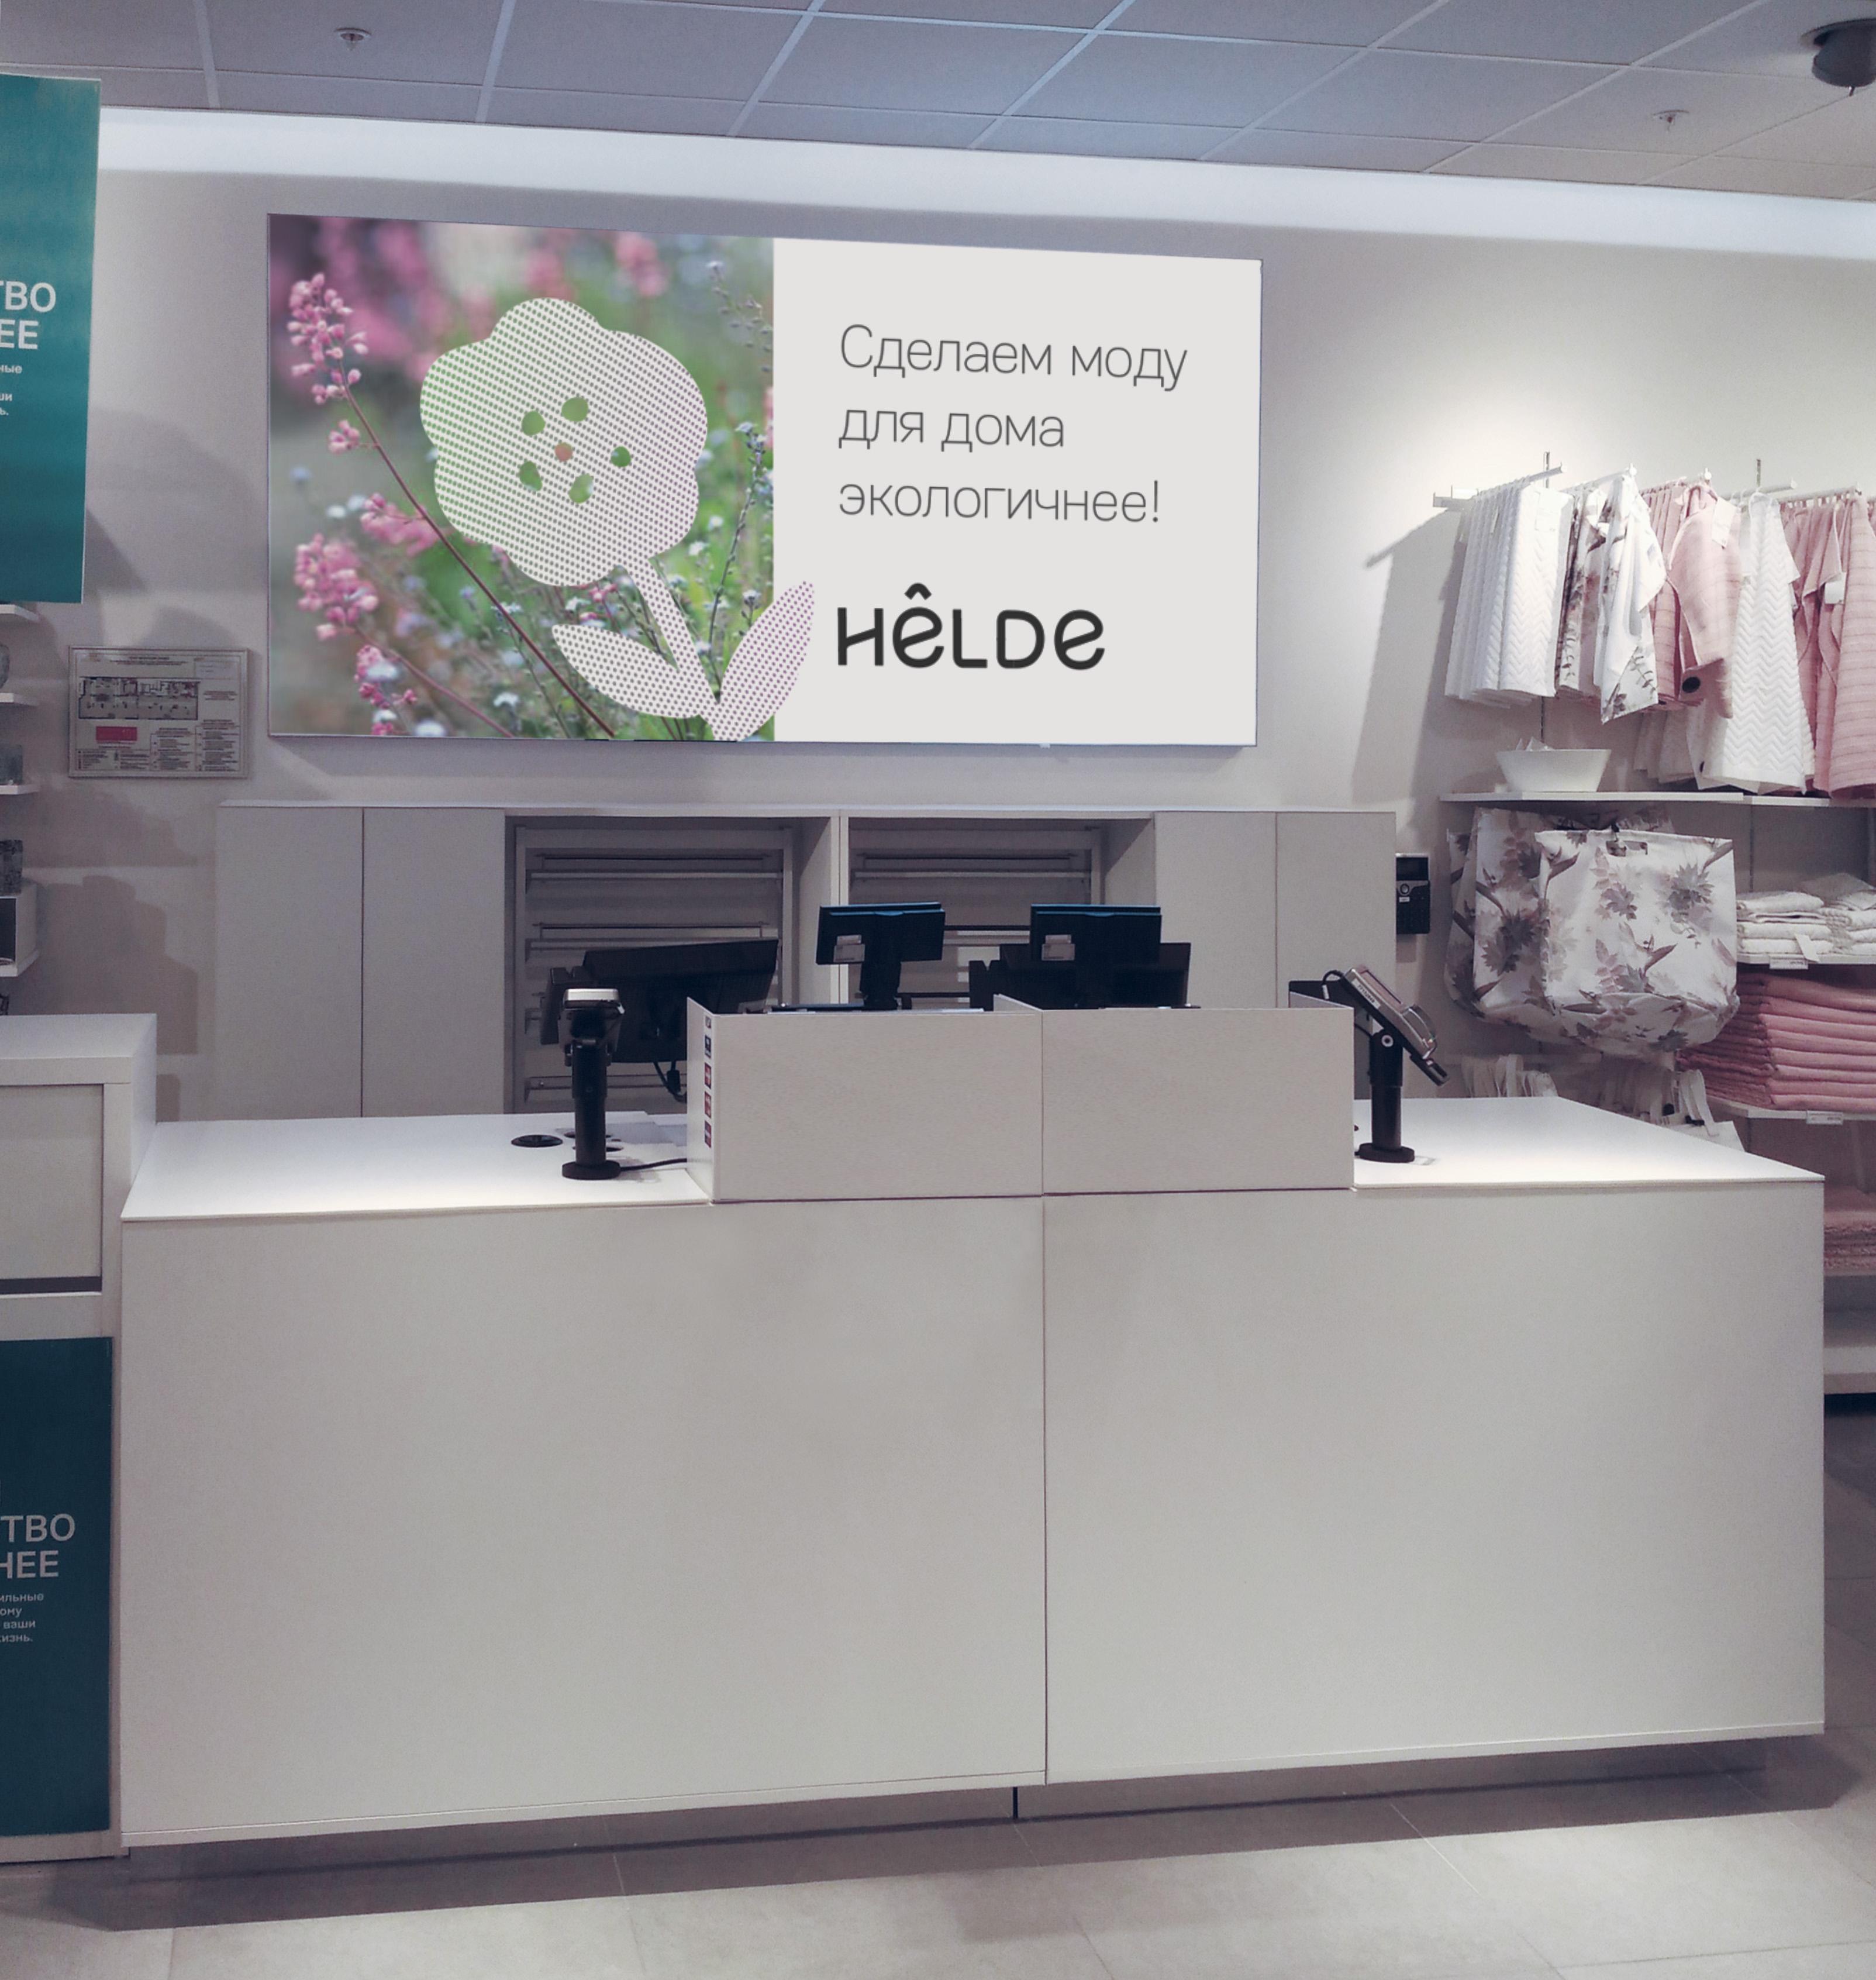 Helde_-11